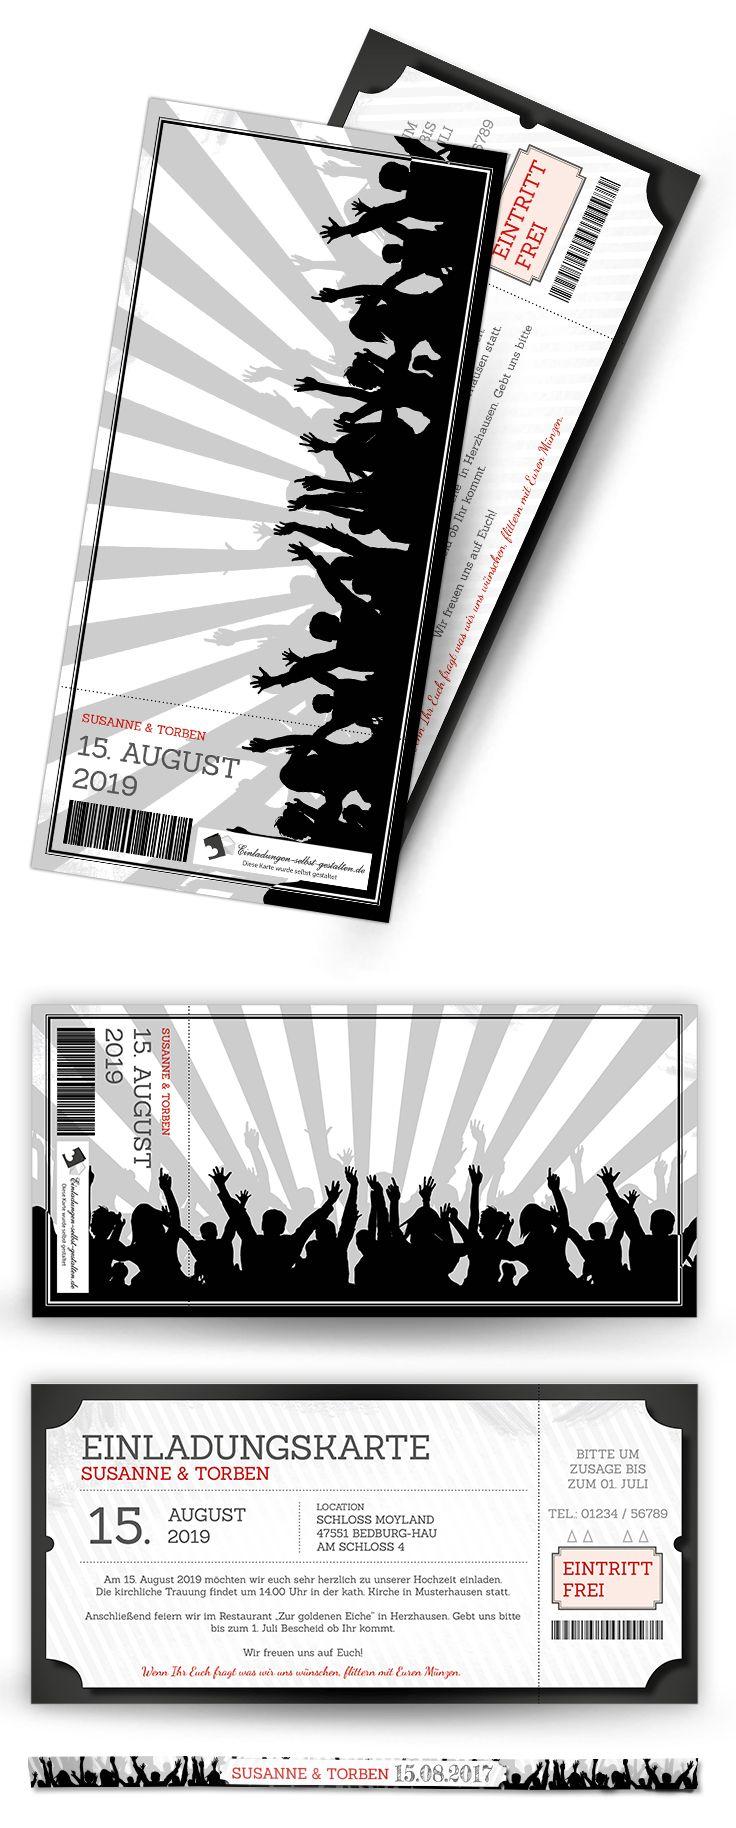 Einladungskarte Als Ticket Mit Passendem Festivalarmband Perfekt Fur Die Mottopartys Festival Einladungen Einladungskarten Ticket Vorlage